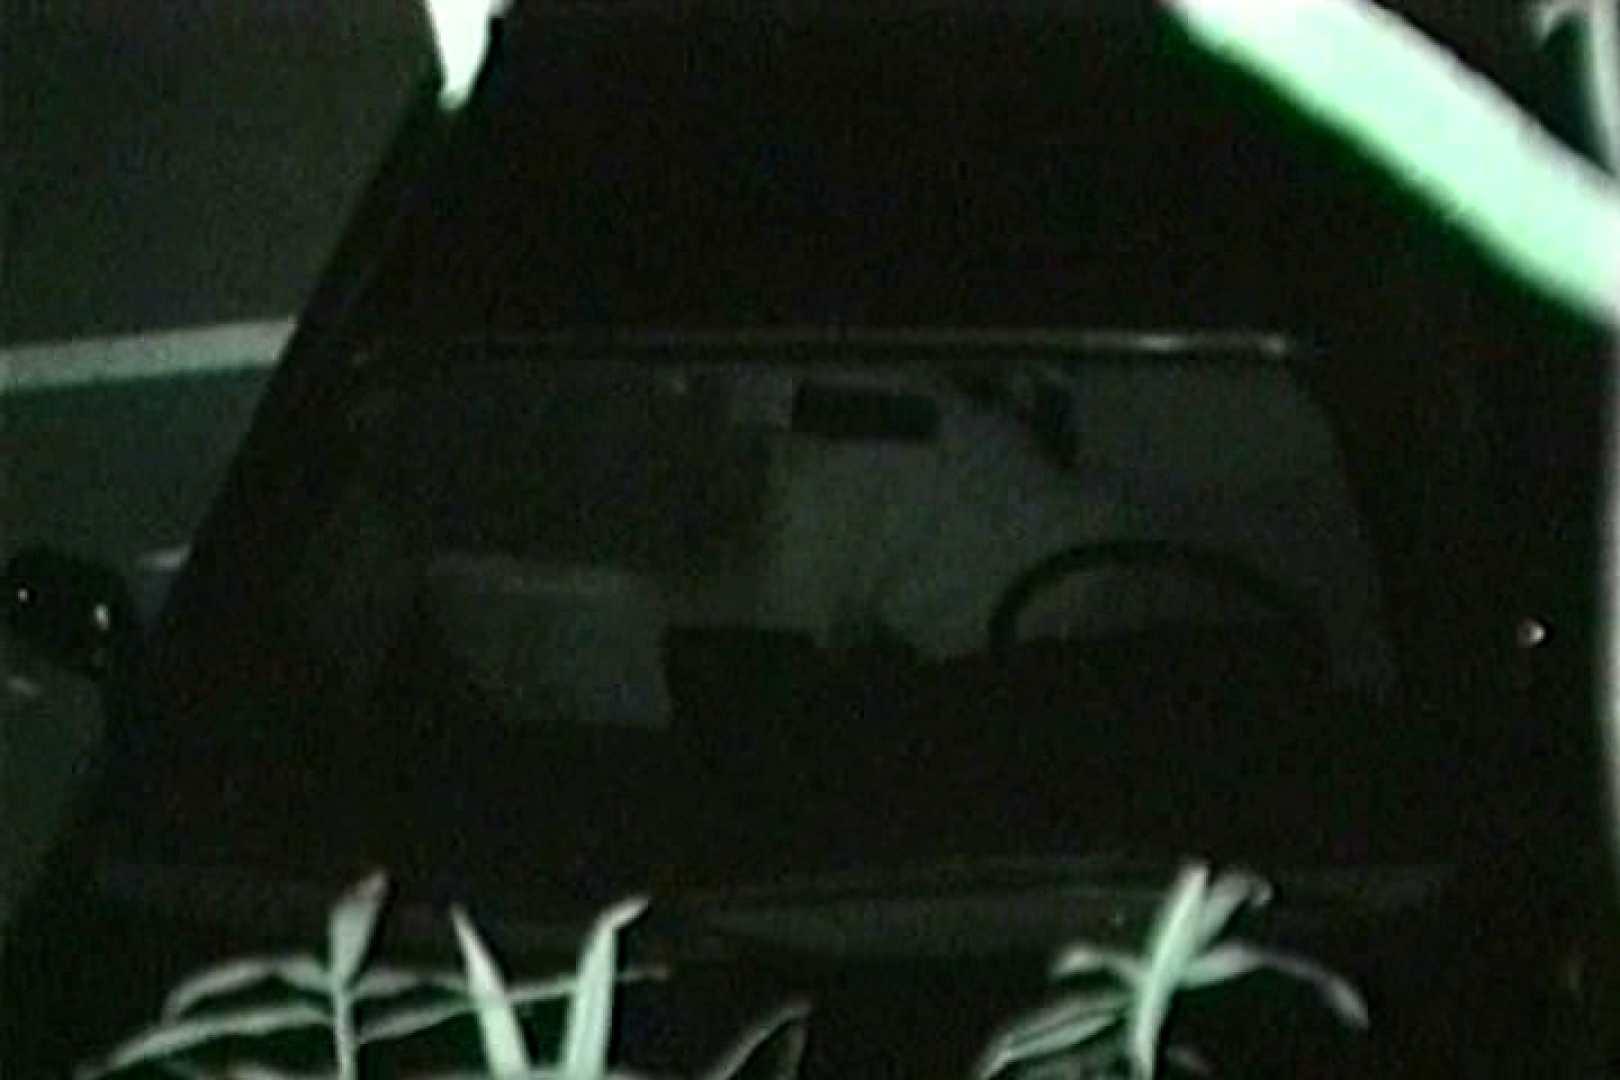 車の中はラブホテル 無修正版  Vol.8 ホテル ヌード画像 102PIX 76